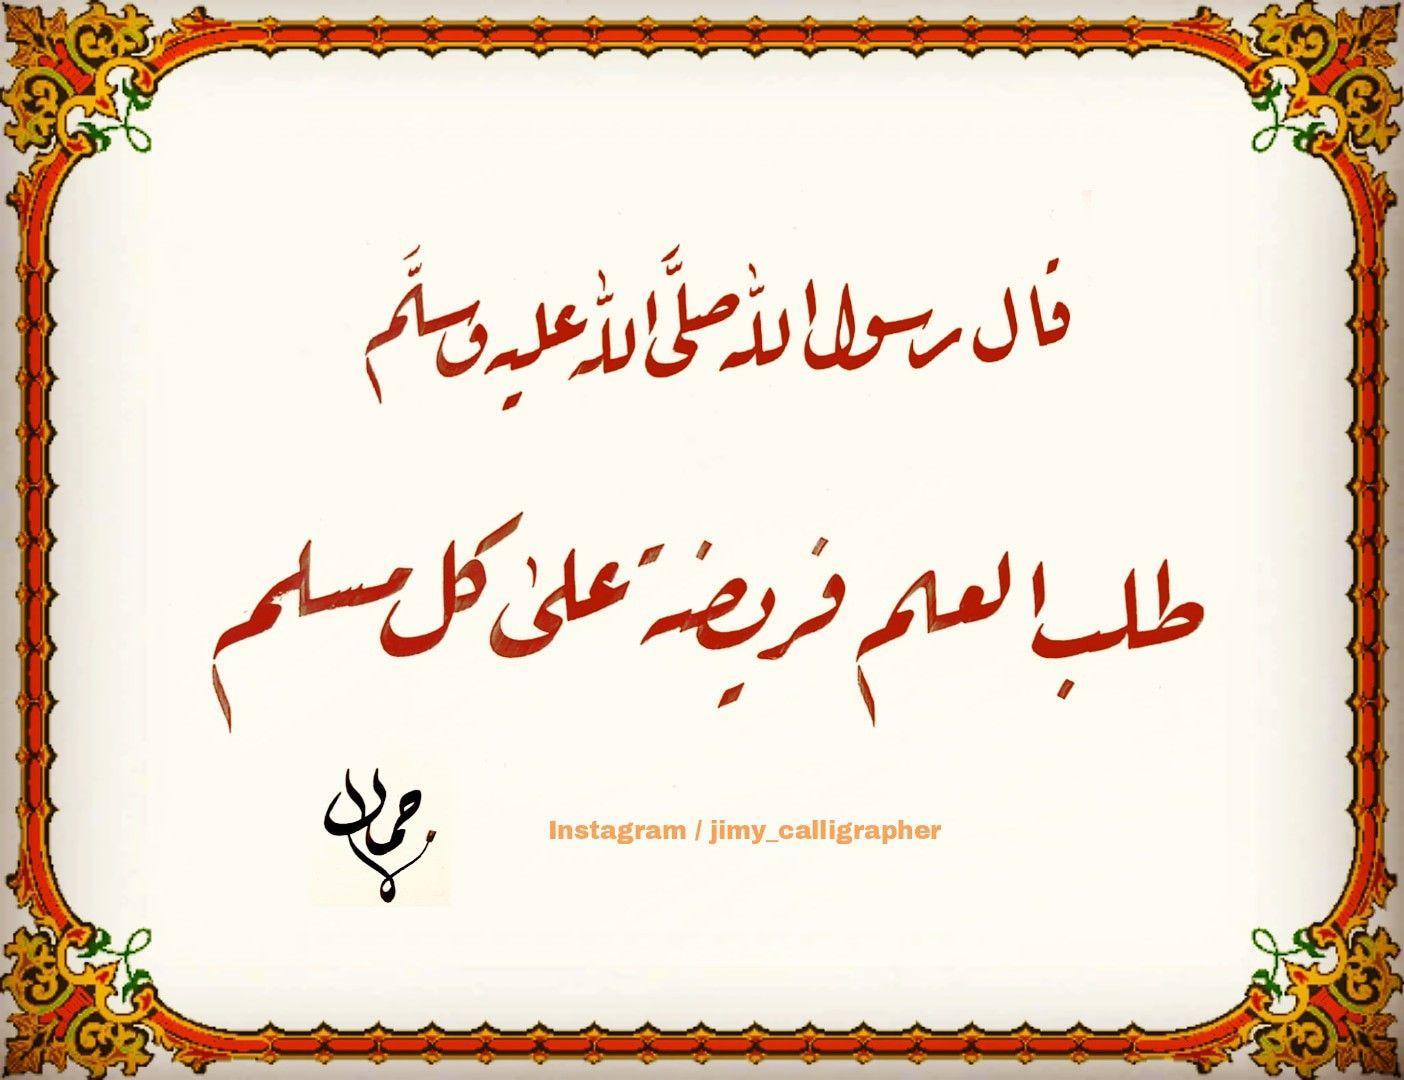 قال رسول الل ه صل ى الل ه عليه وسل م طلب العلم فريضة على كل مسلم Islamic Art Calligraphy Islamic Art Calligrapher